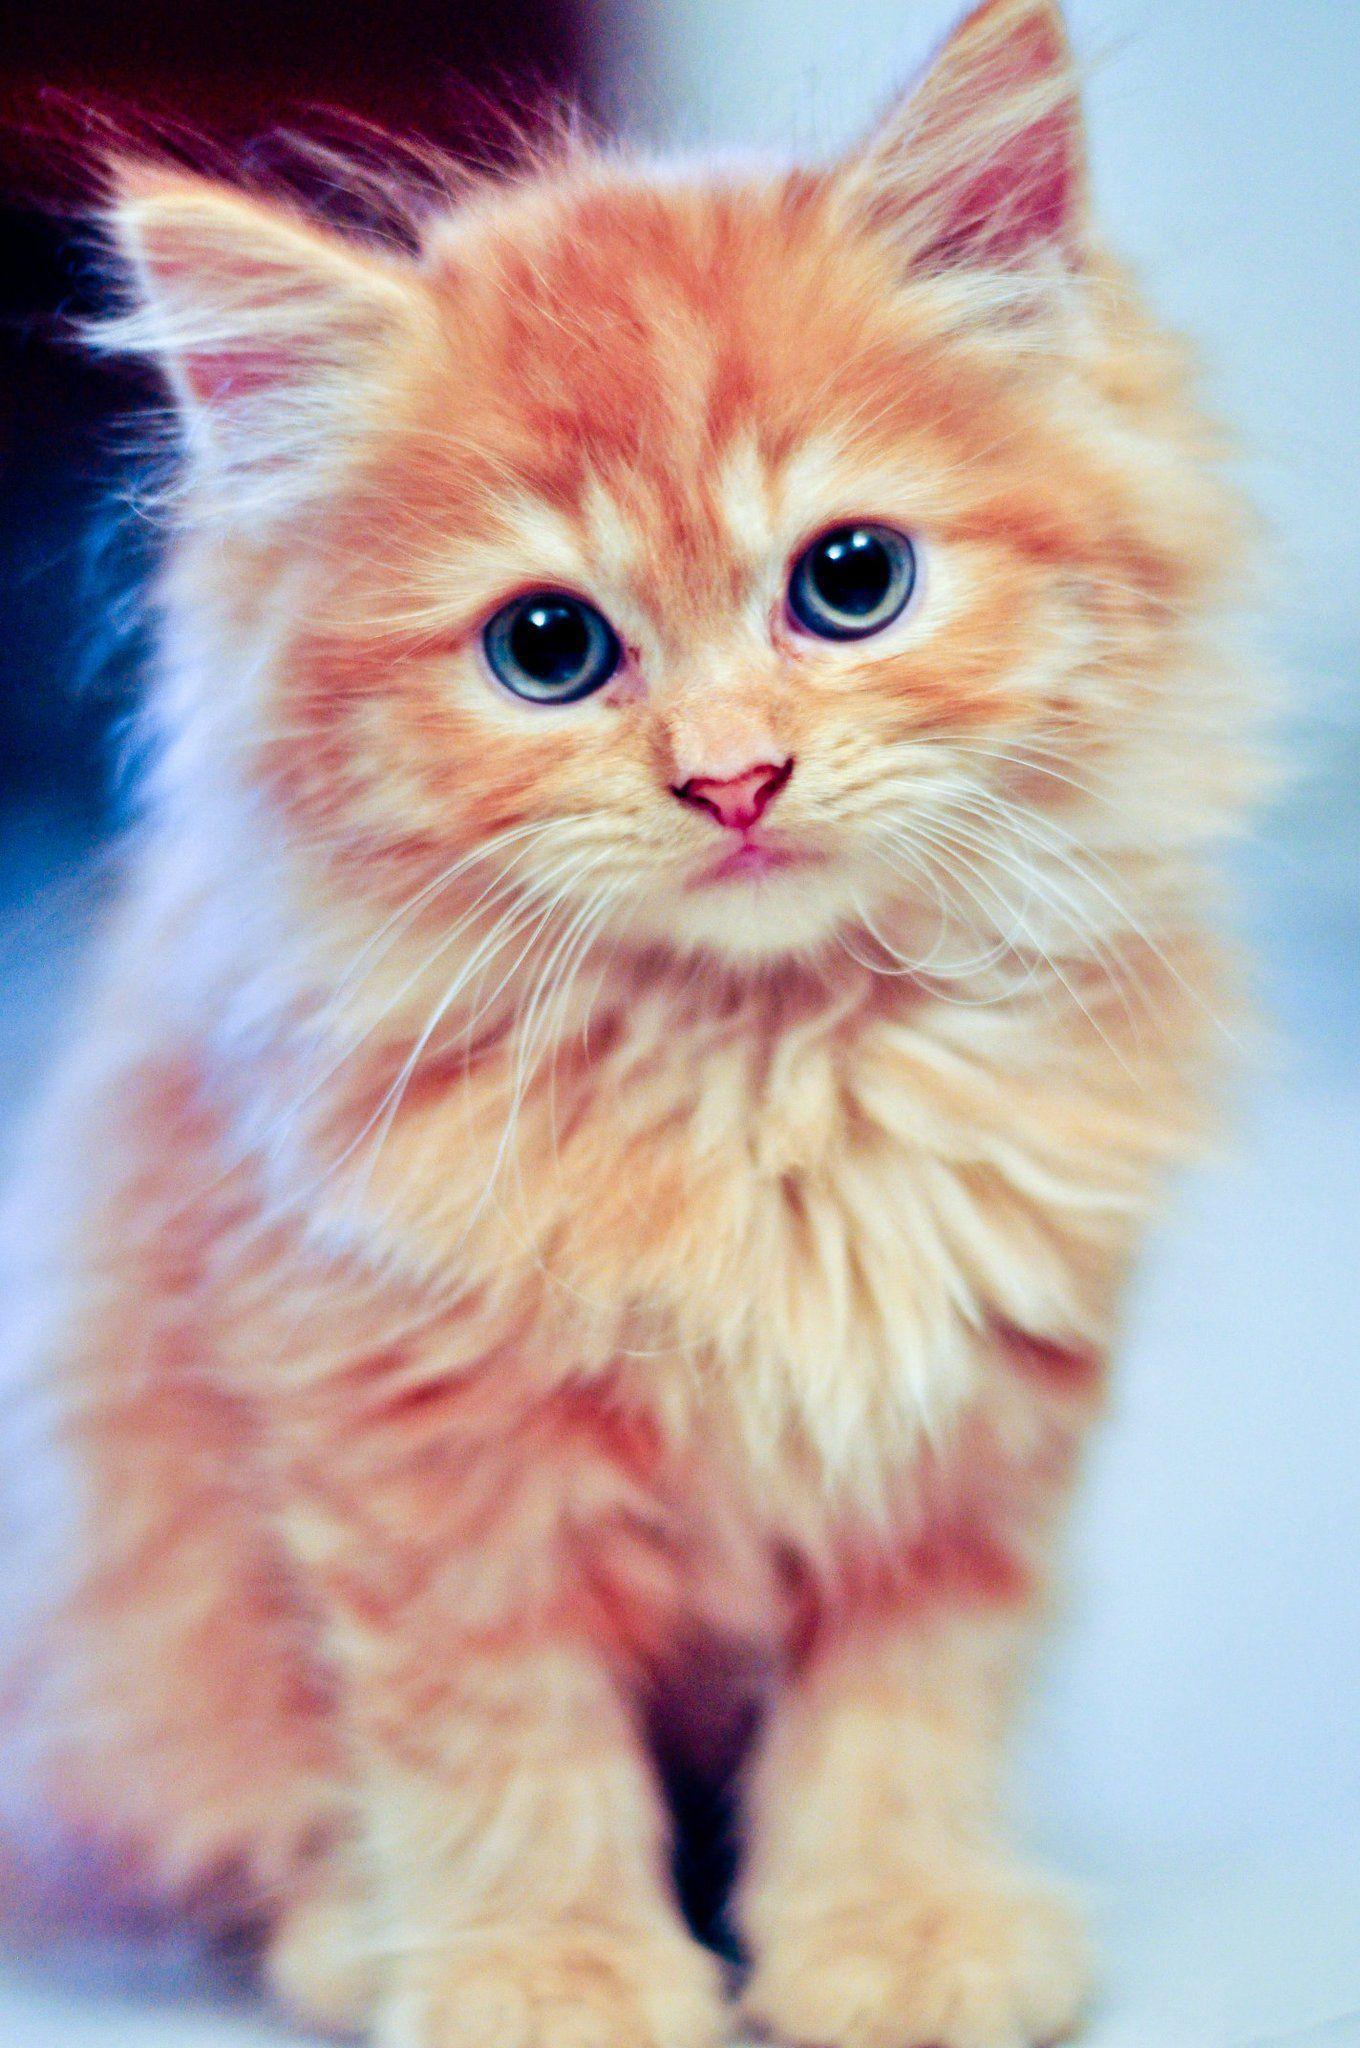 Cutypie kitten killing kitty cat orange blue eyes fluffy